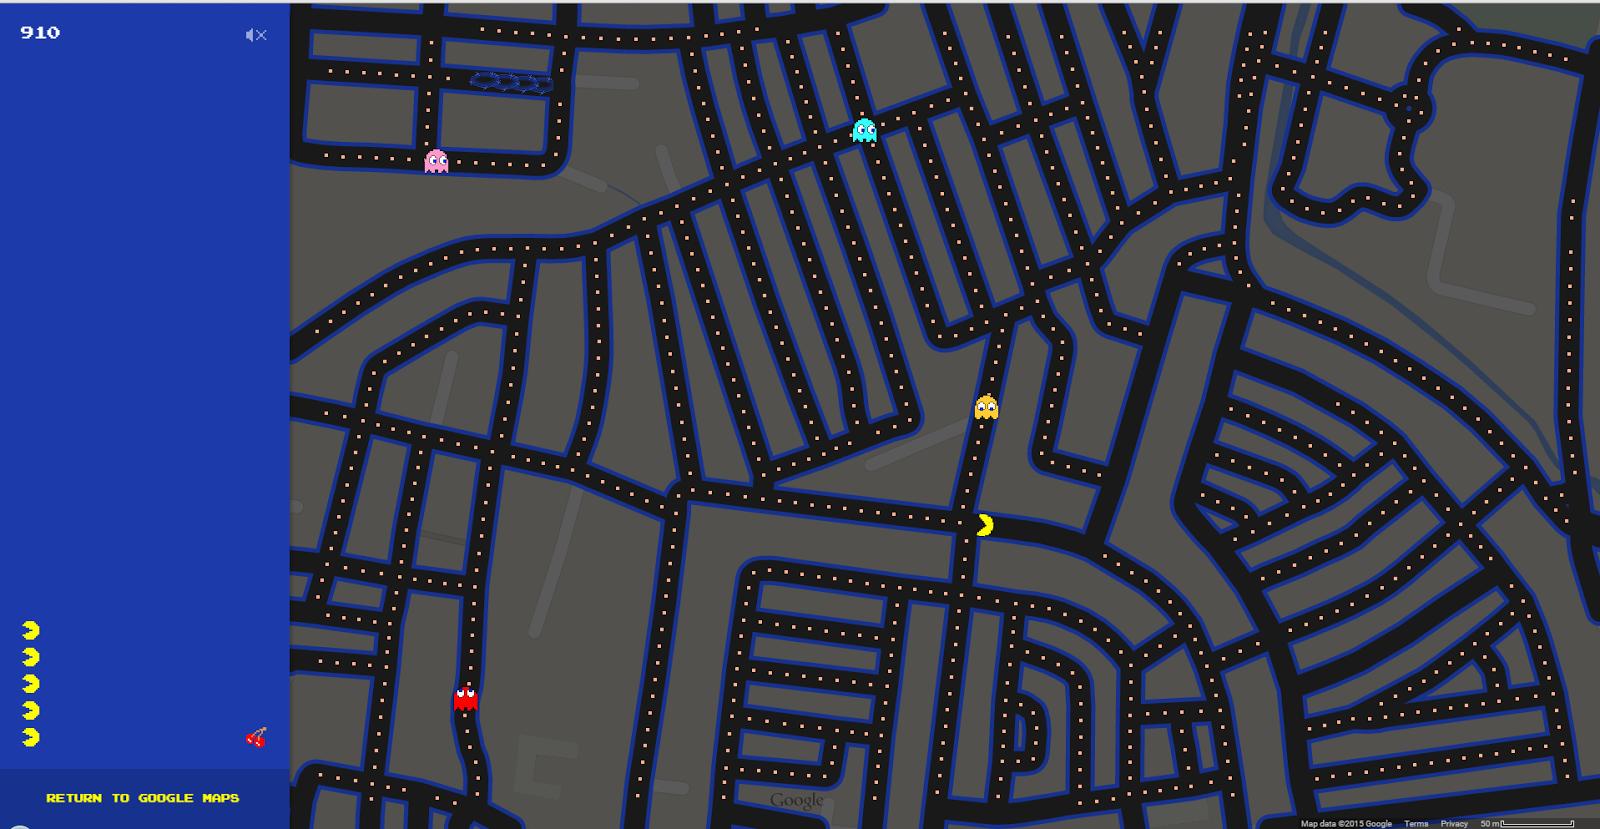 Permainan PACMAN kini di Google Maps Percuma Bermula 1 April 2015